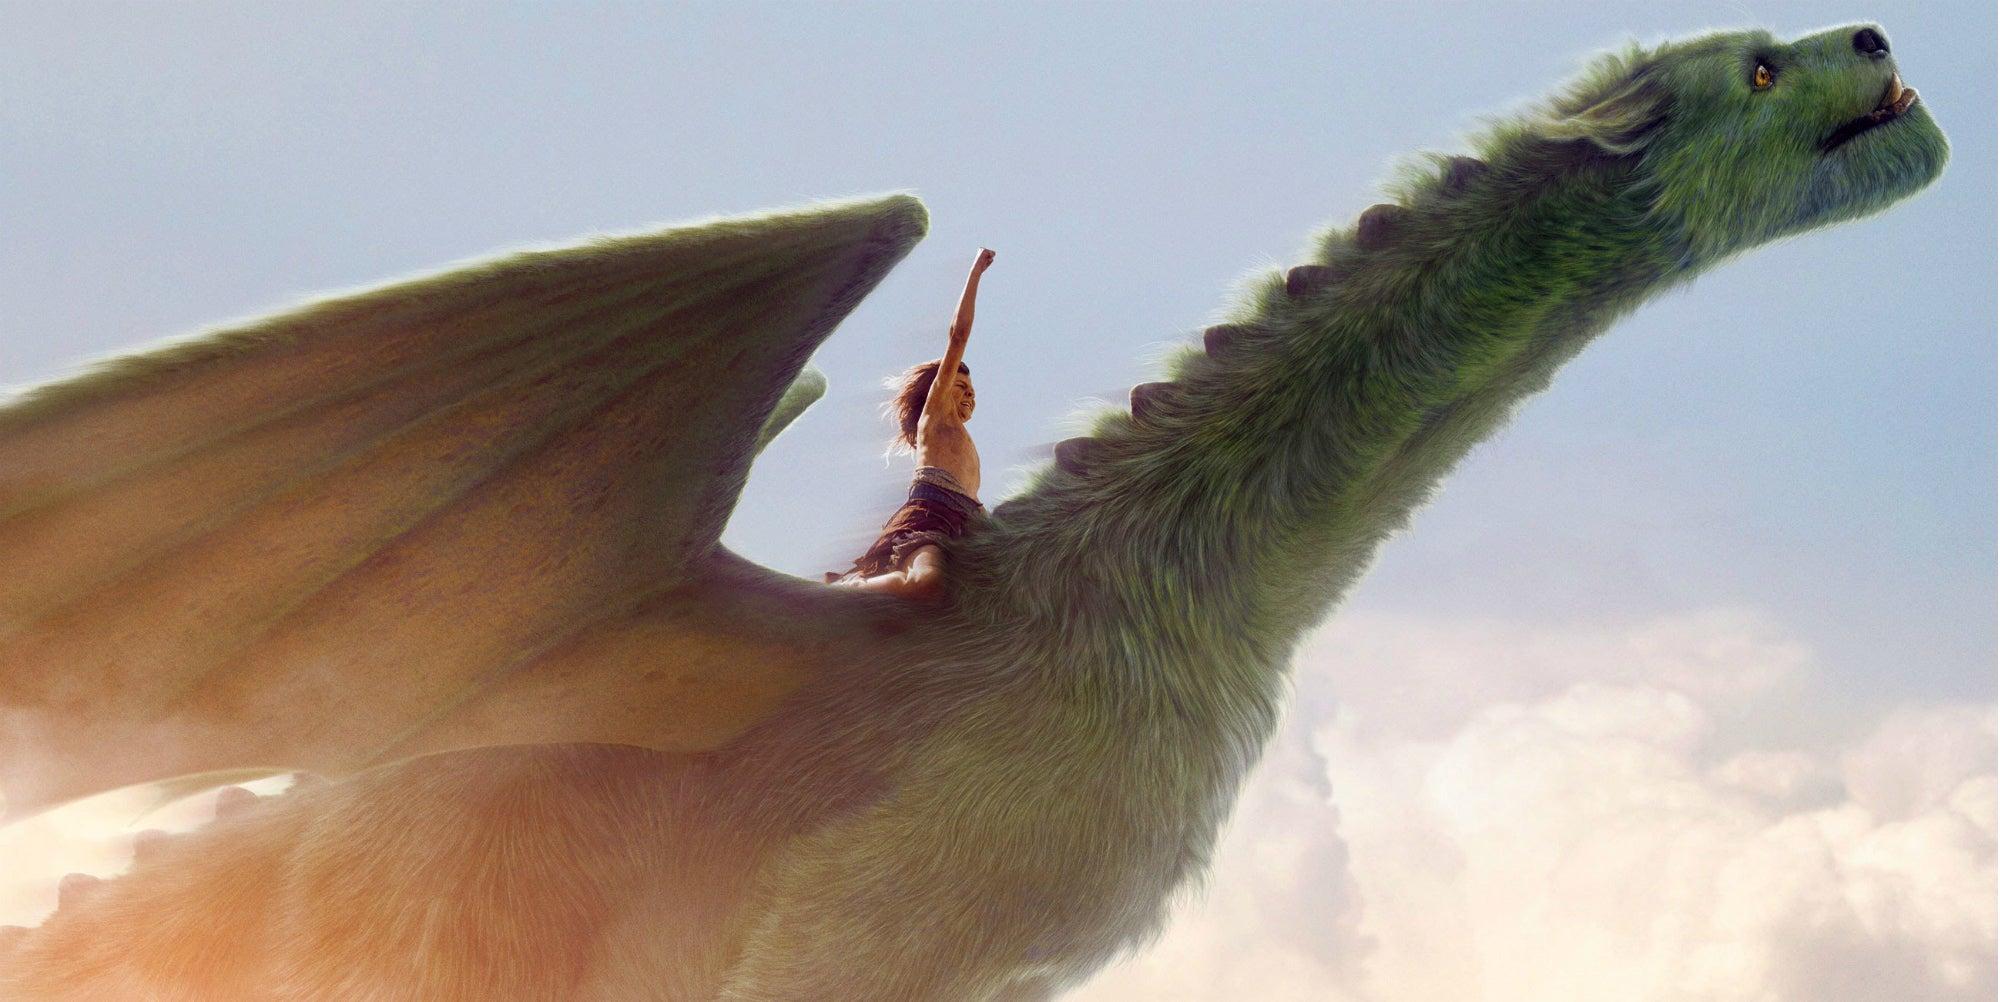 pete rides his dragon in pete's dragon 2016